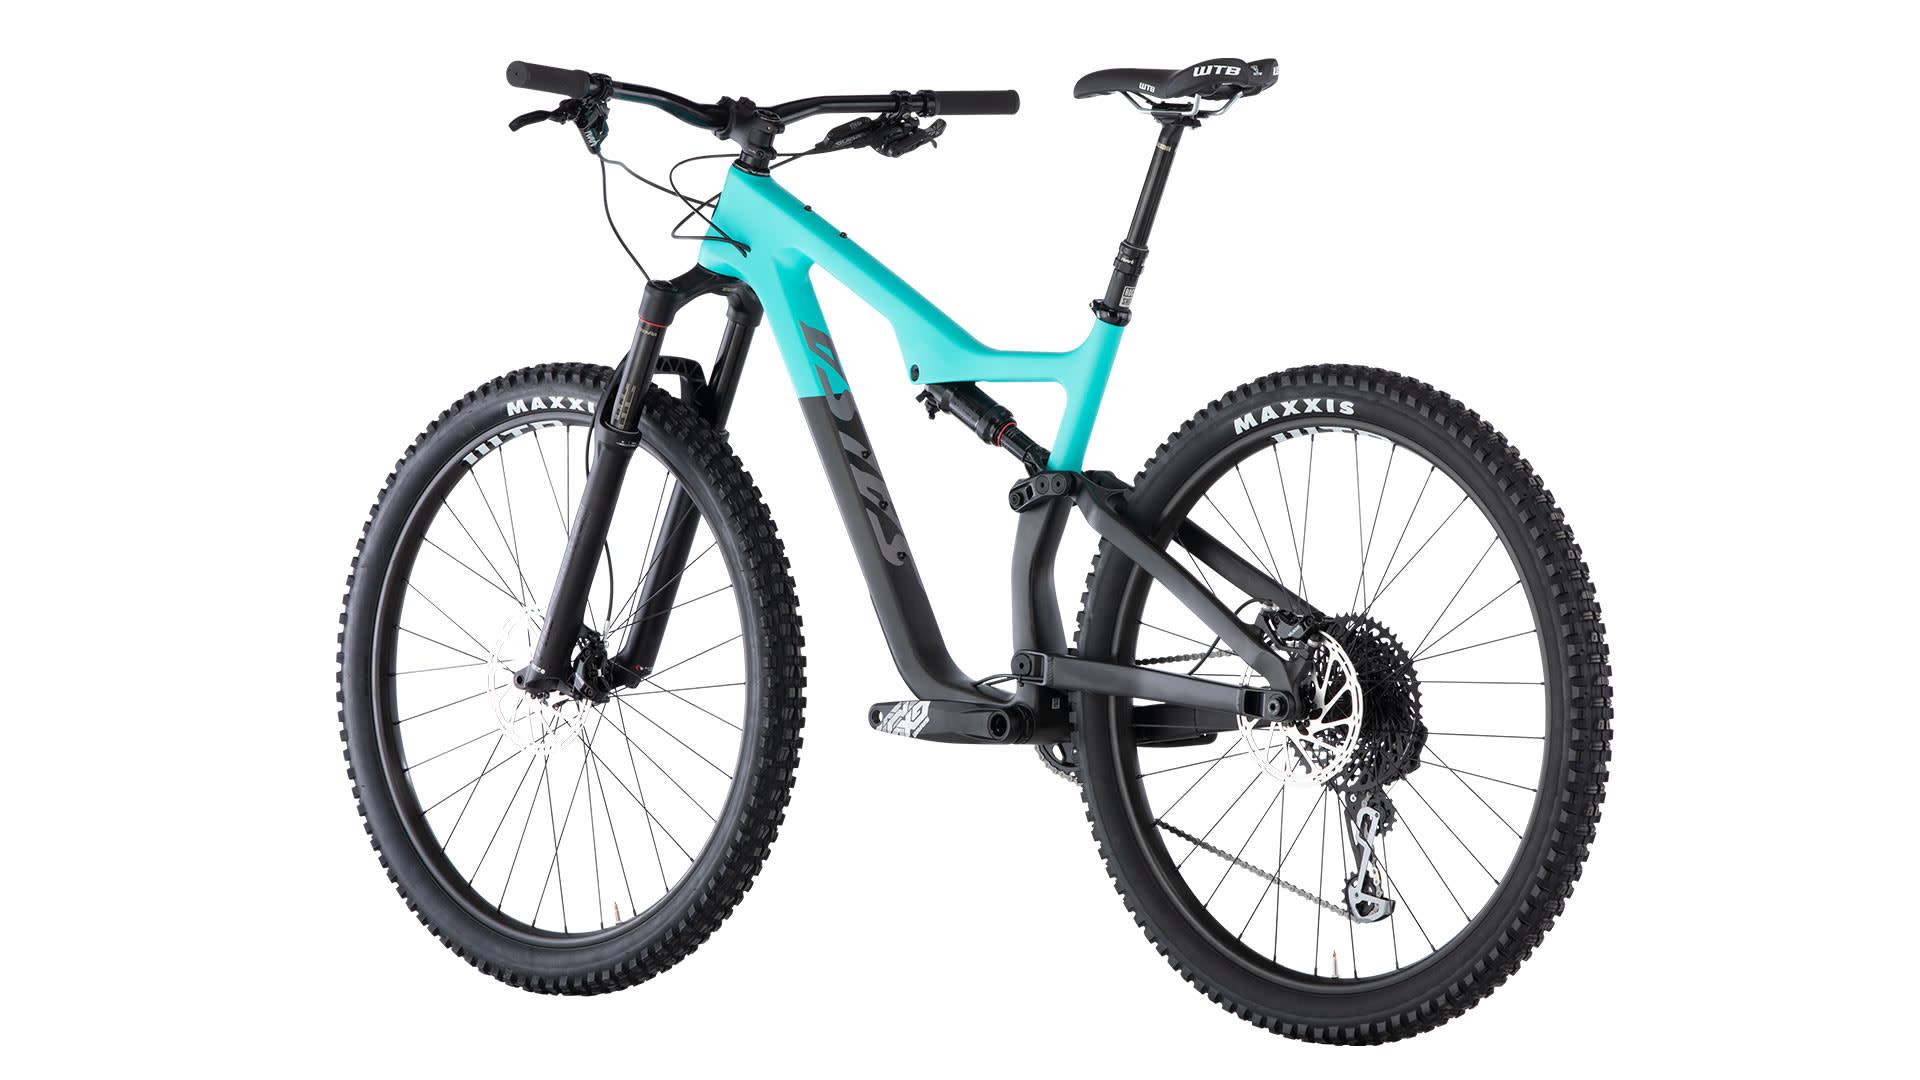 Salsa Salsa Horsethief Carbon GX Eagle Bike Teal/Raw Carbon 2019